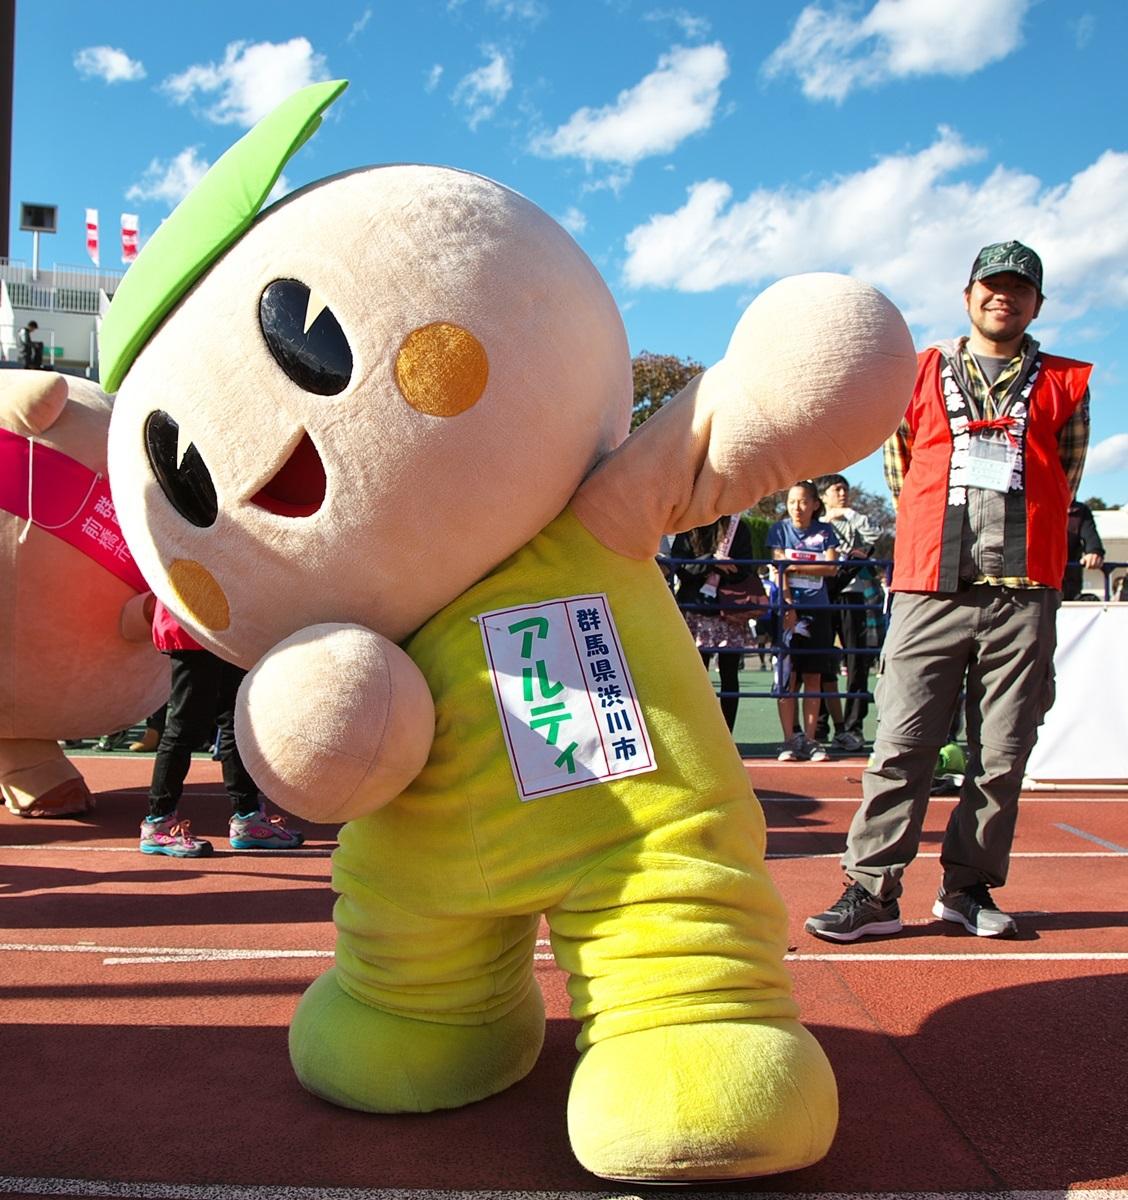 第26回ぐんまマラソン「ご当地キャラハイタッチ隊」_a0243720_23521642.jpg